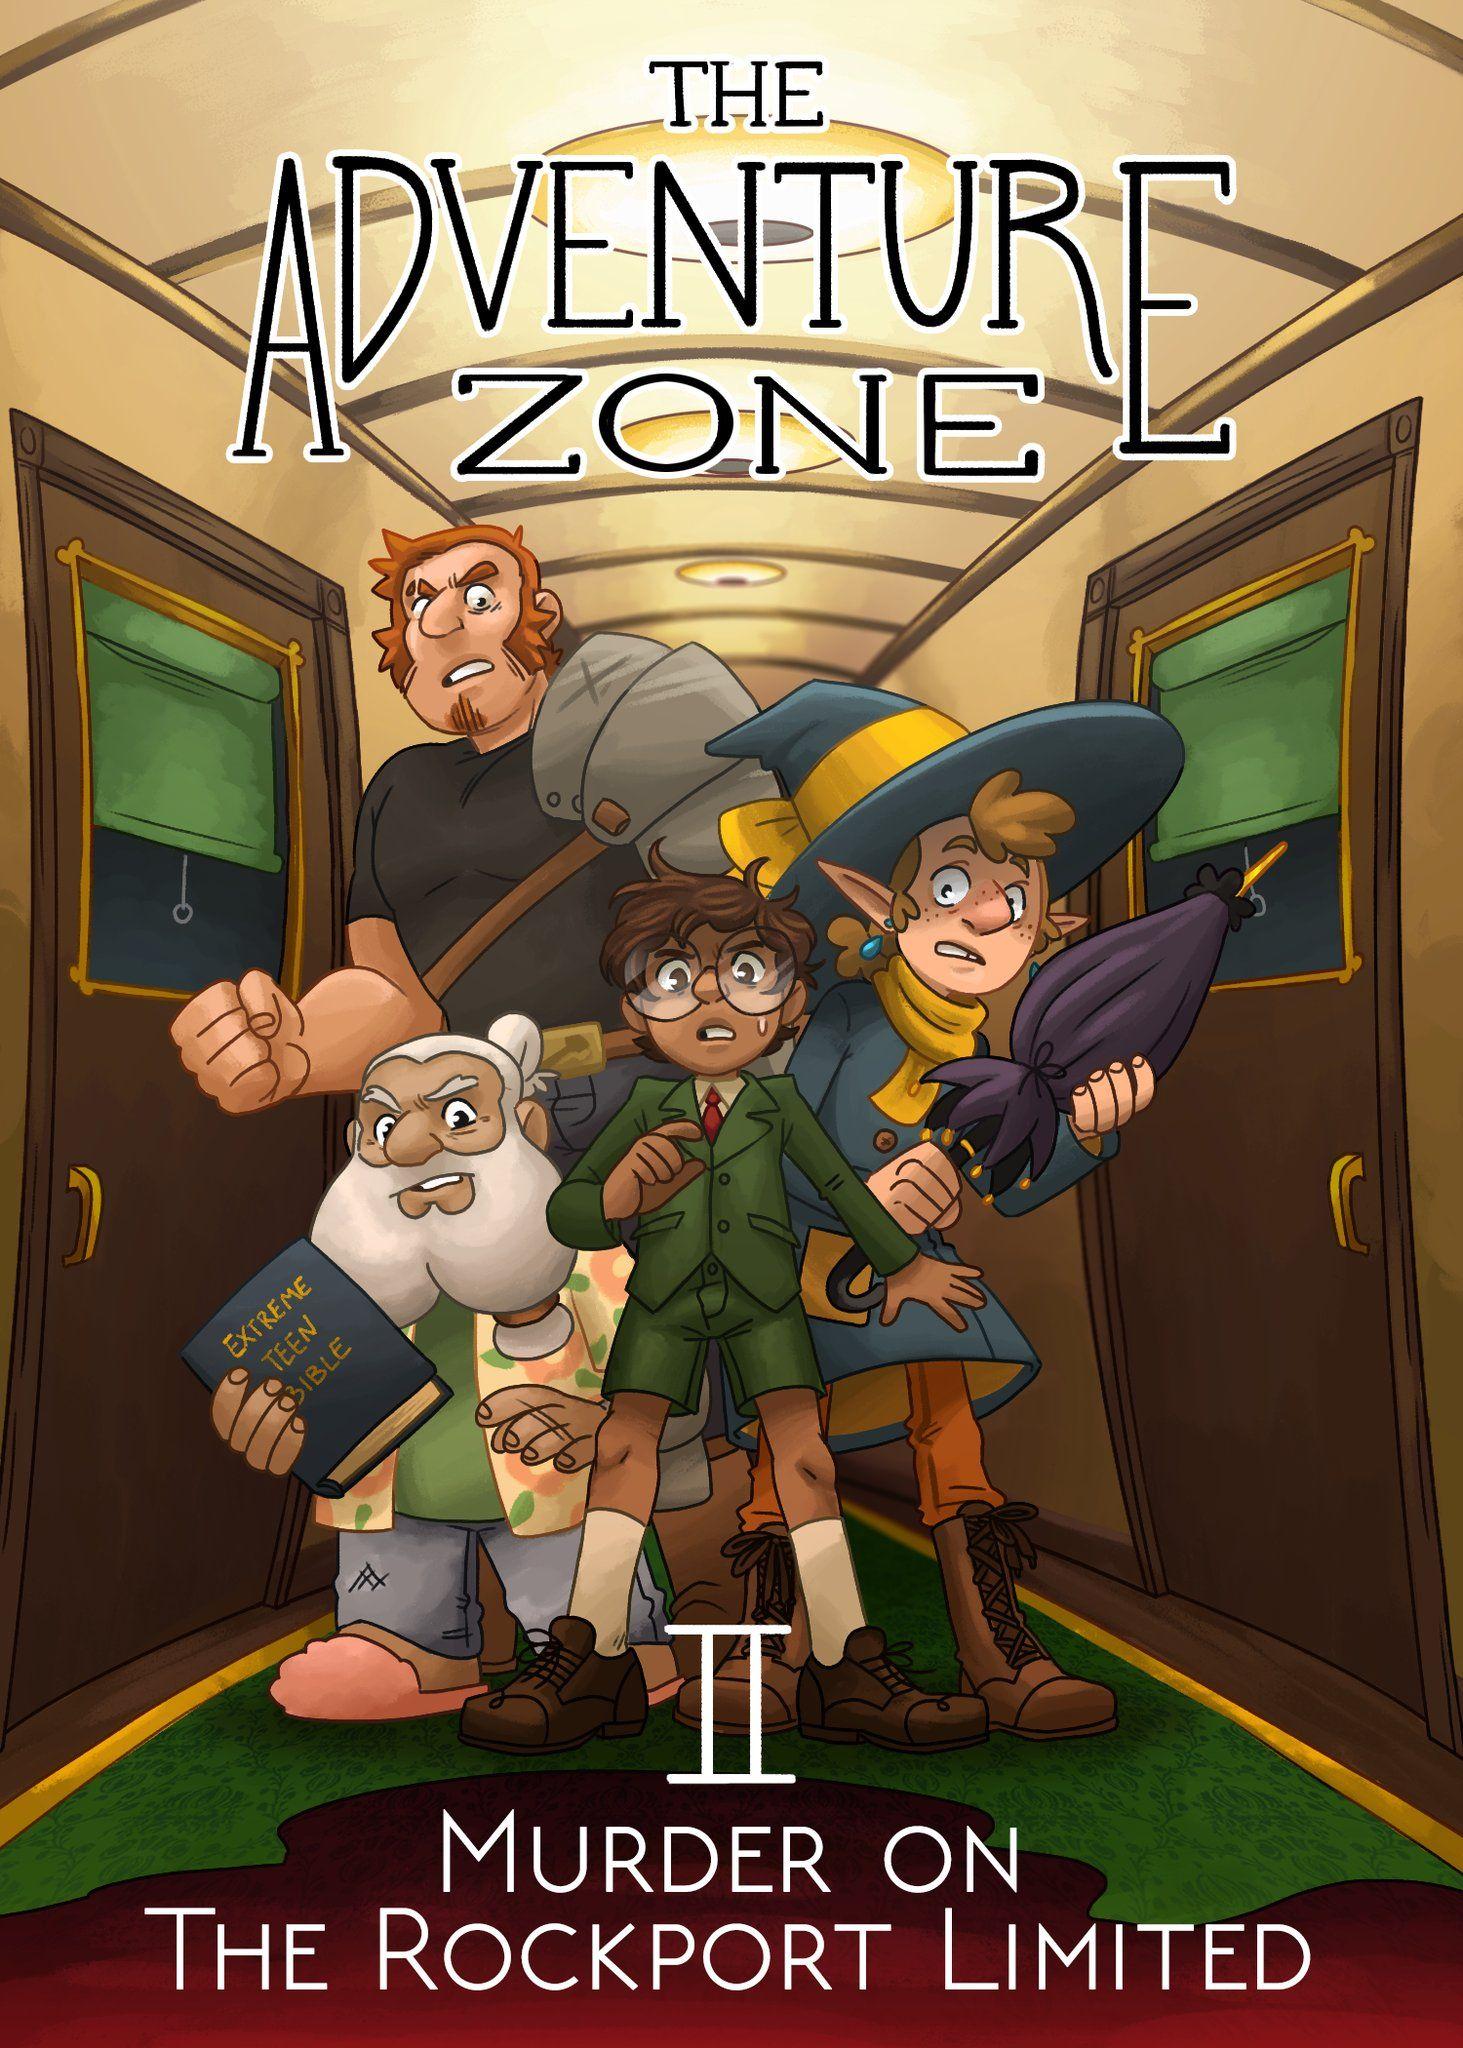 holiday kiana on adventure zone fanart pinterest the